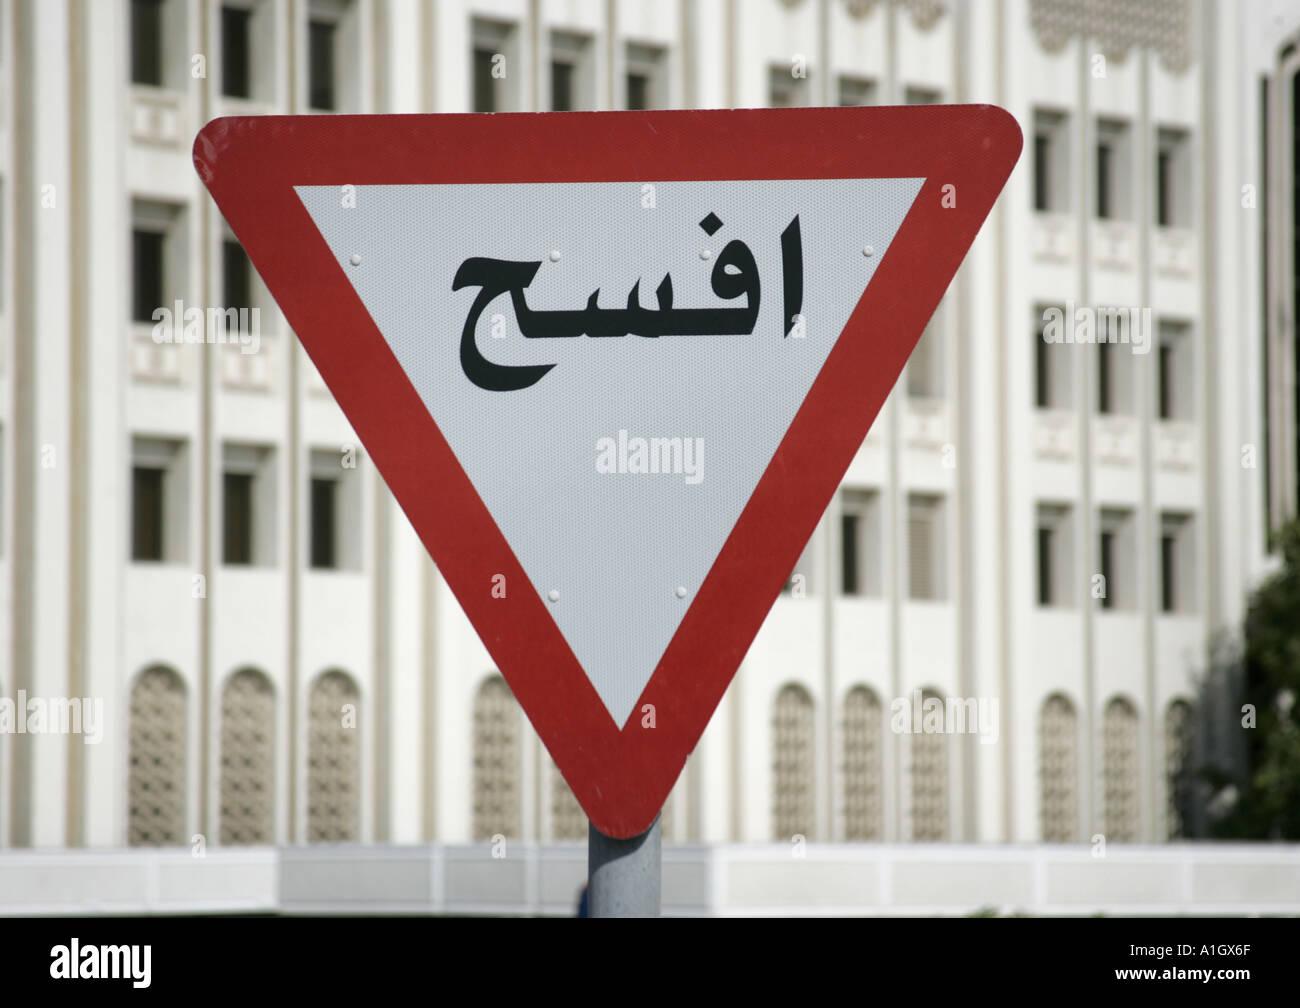 traffic in qatar essay